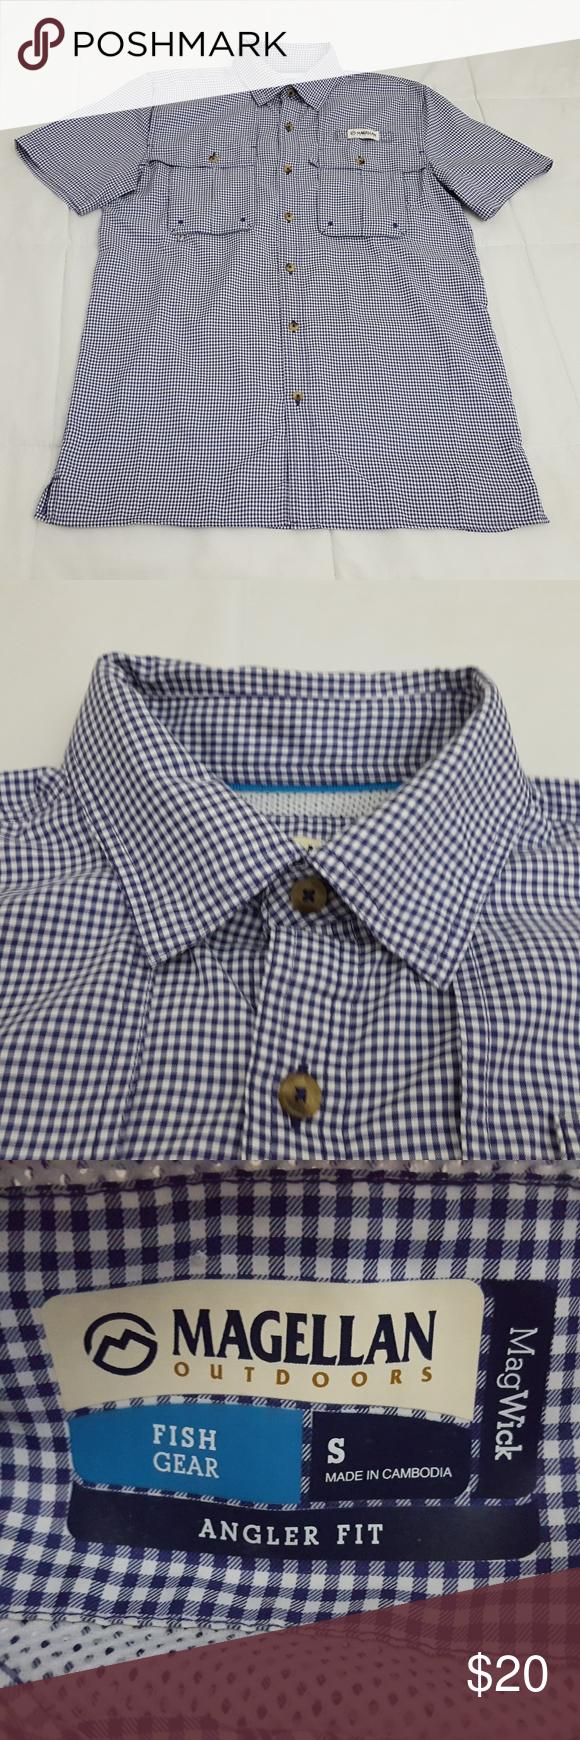 magellan angler fit fishing shirt - 580×1740